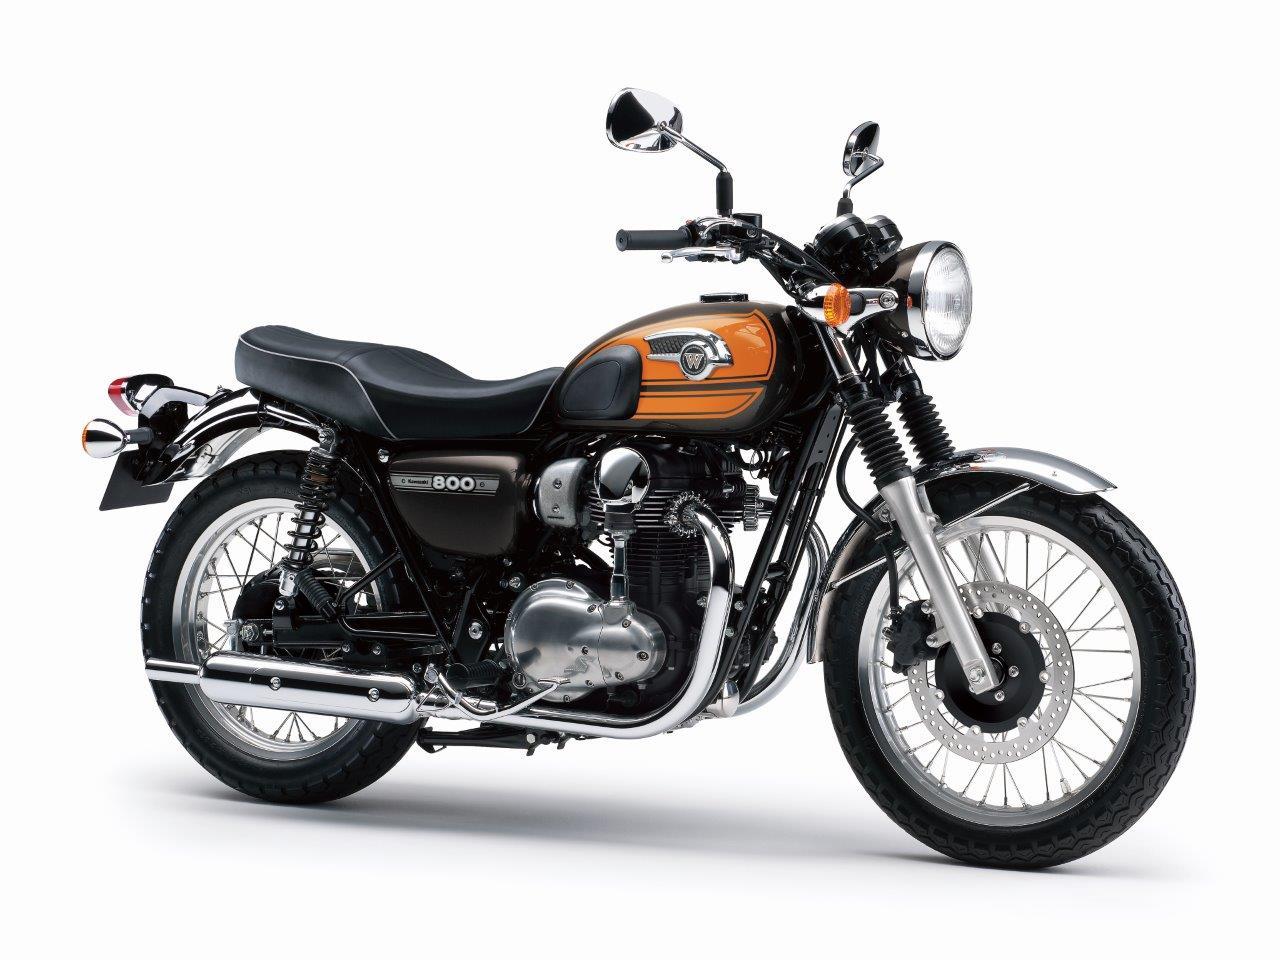 De eerste 2017 Kawasaki modellen nu al in de showroom!